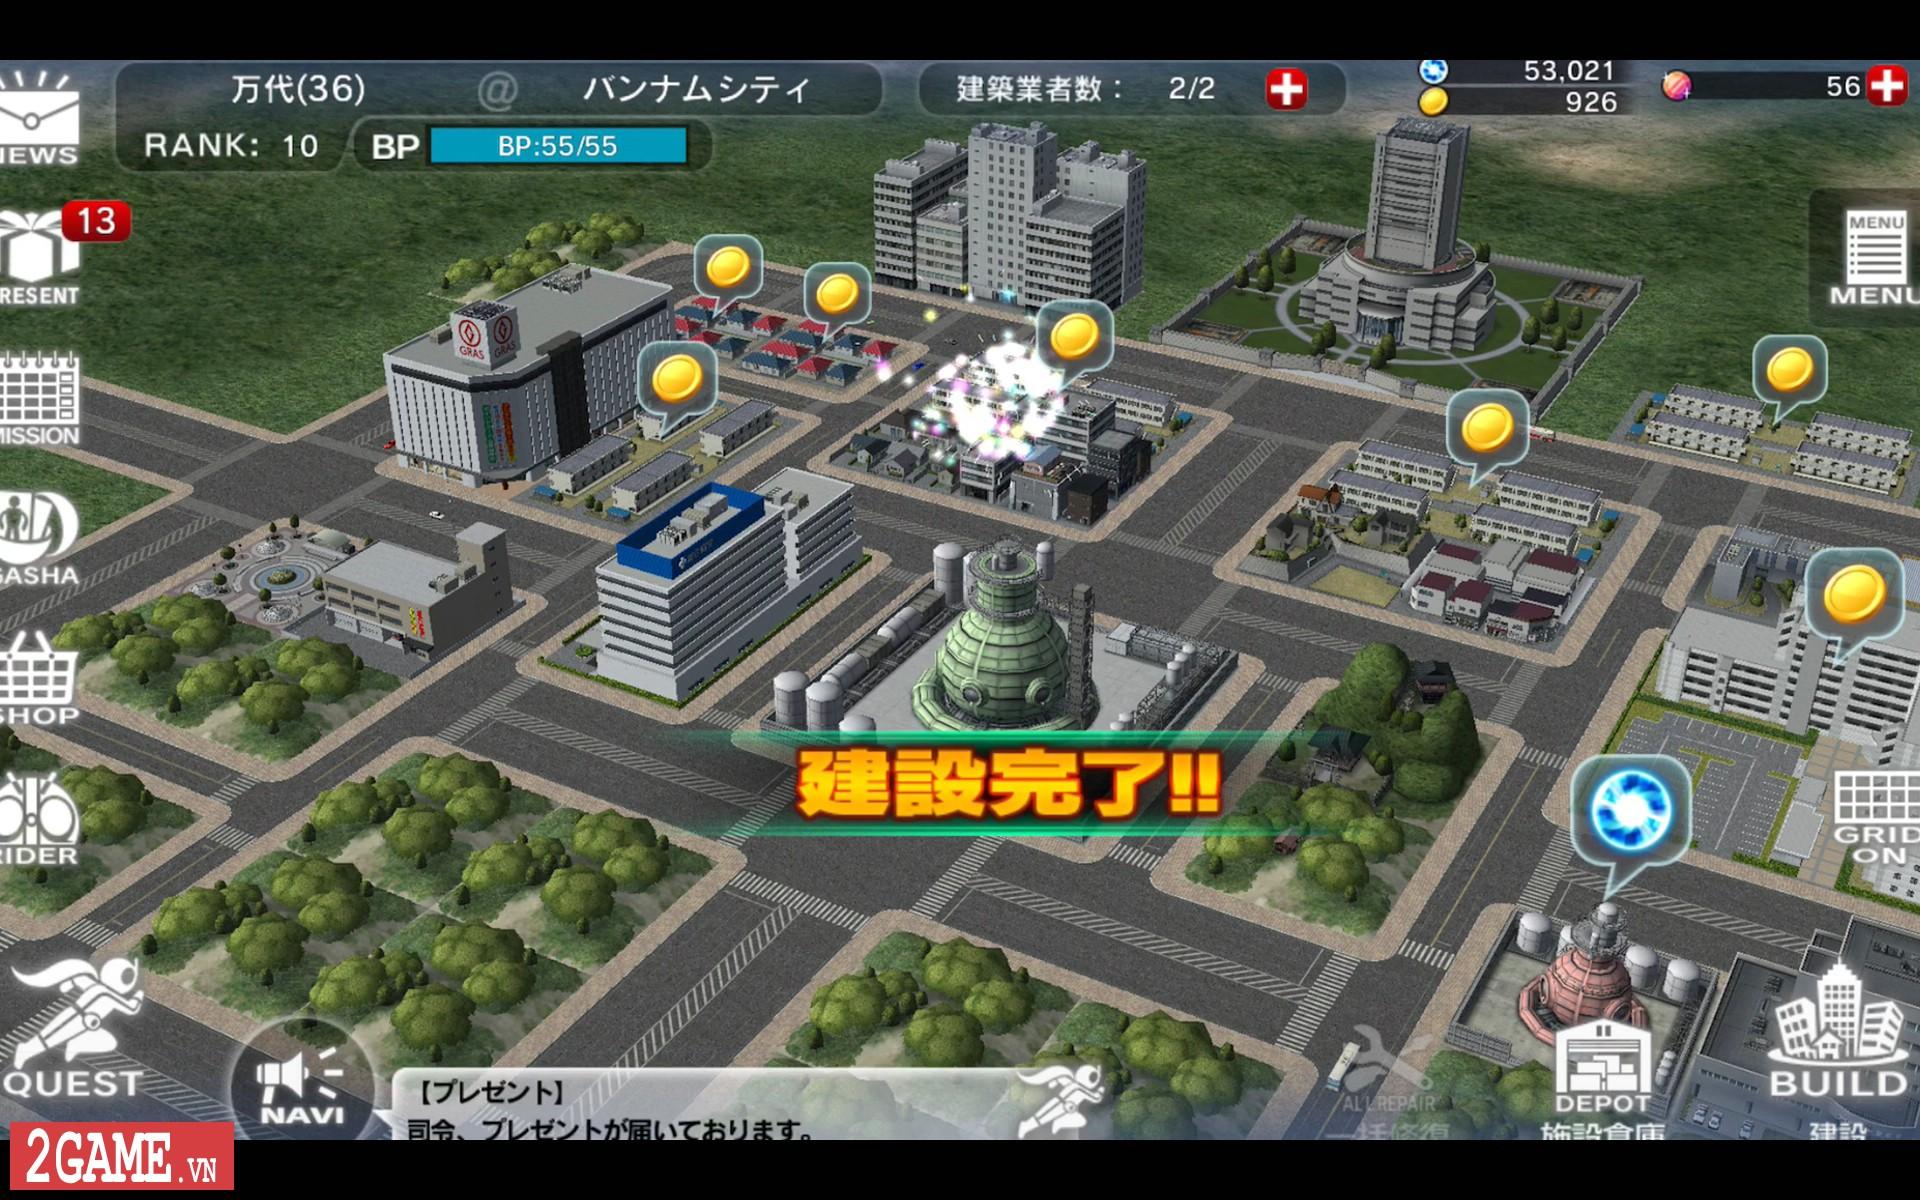 Kamen Rider: Climax Fighters - Game về Siêu nhân Phi Long bất ngờ đổ bộ lên nền tảng di động 1